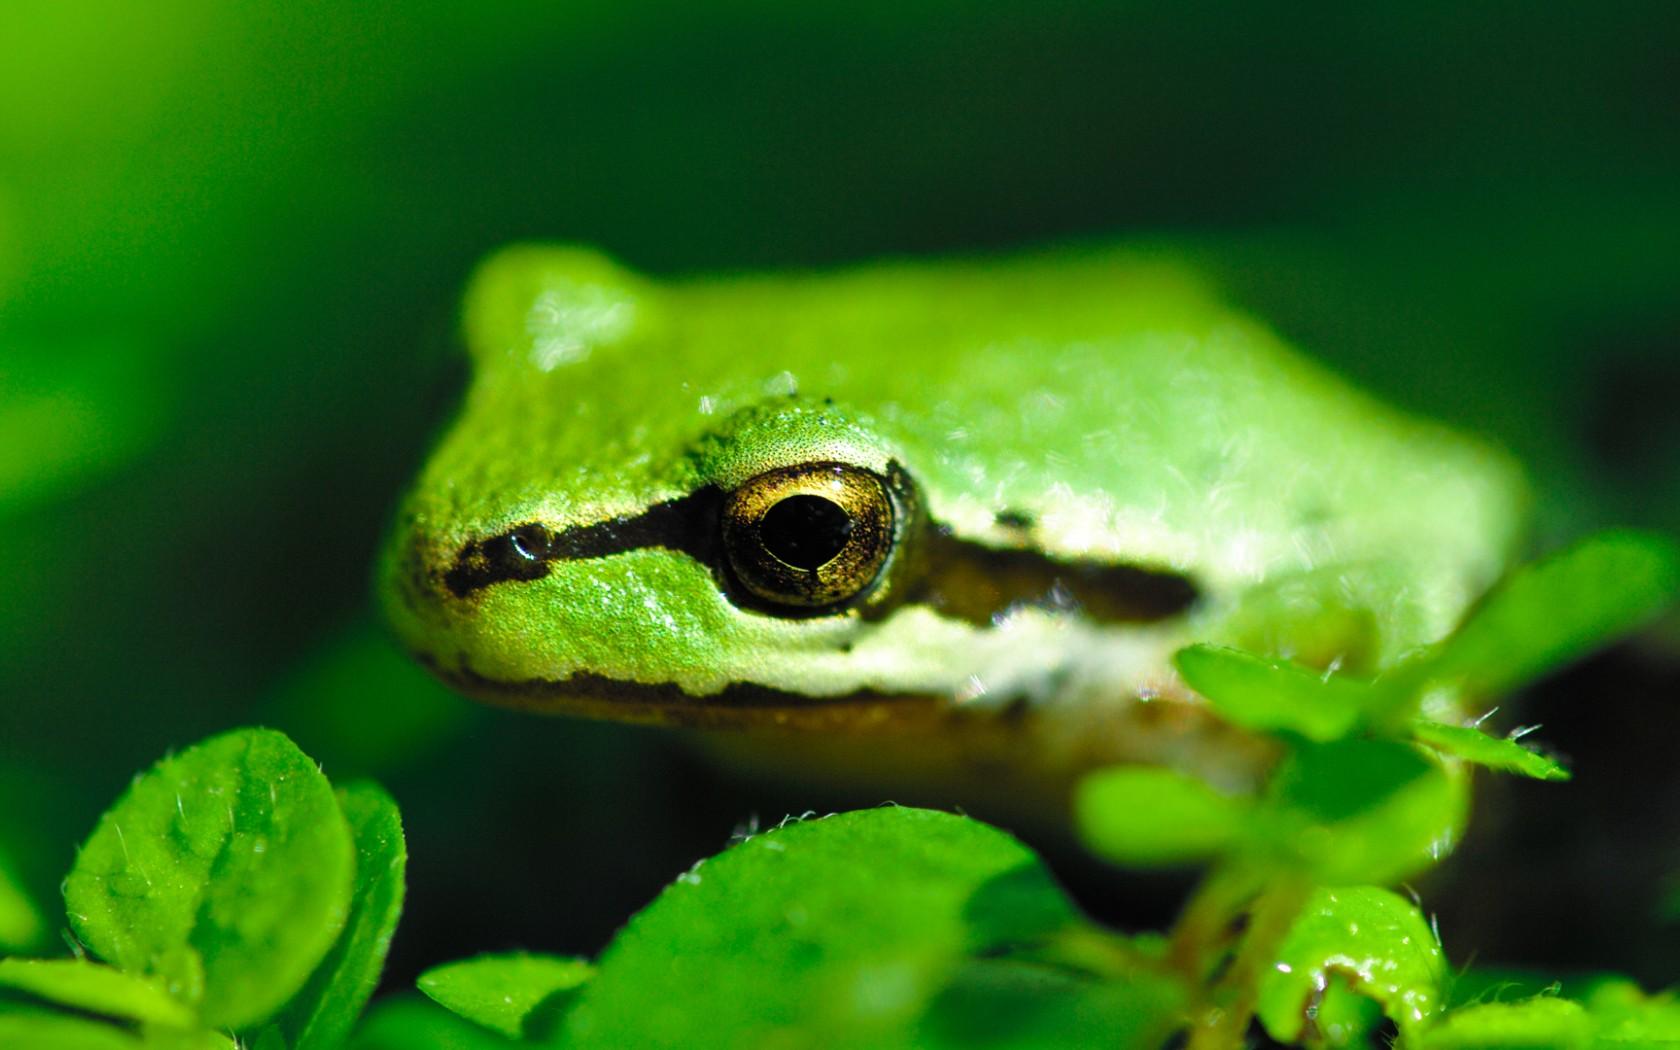 Обои для рабочего стола лягушка зеленая